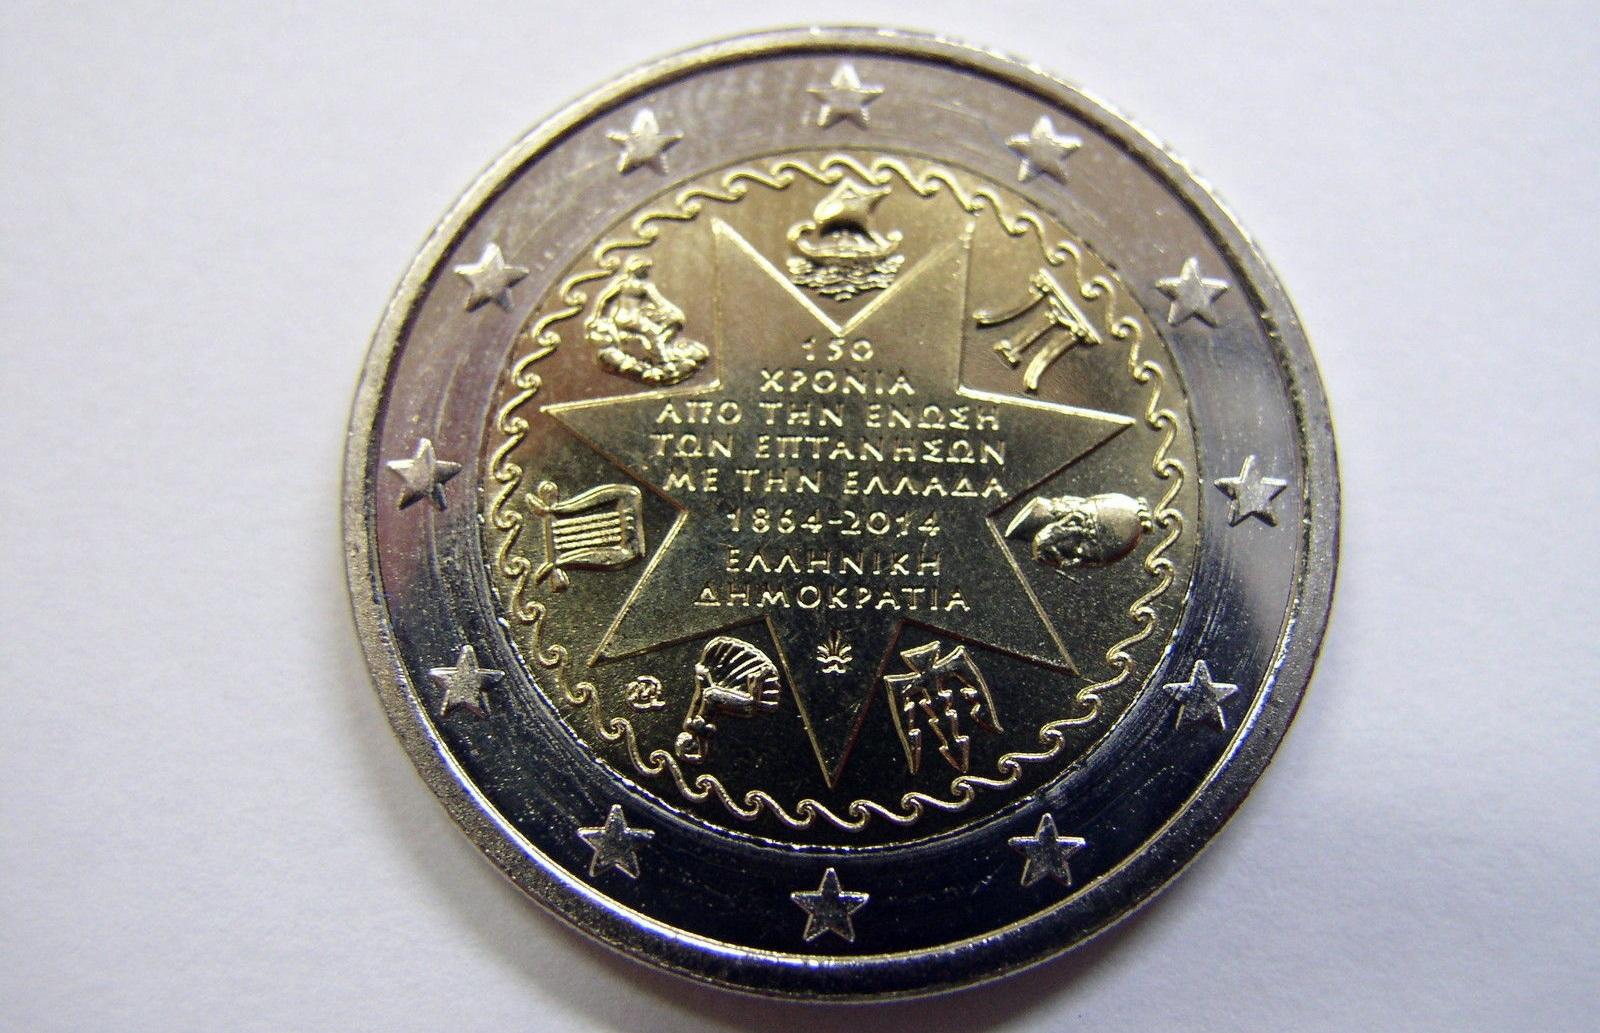 4_αναμνηστικο_ευρώ_για_ενωση_Επτανησου